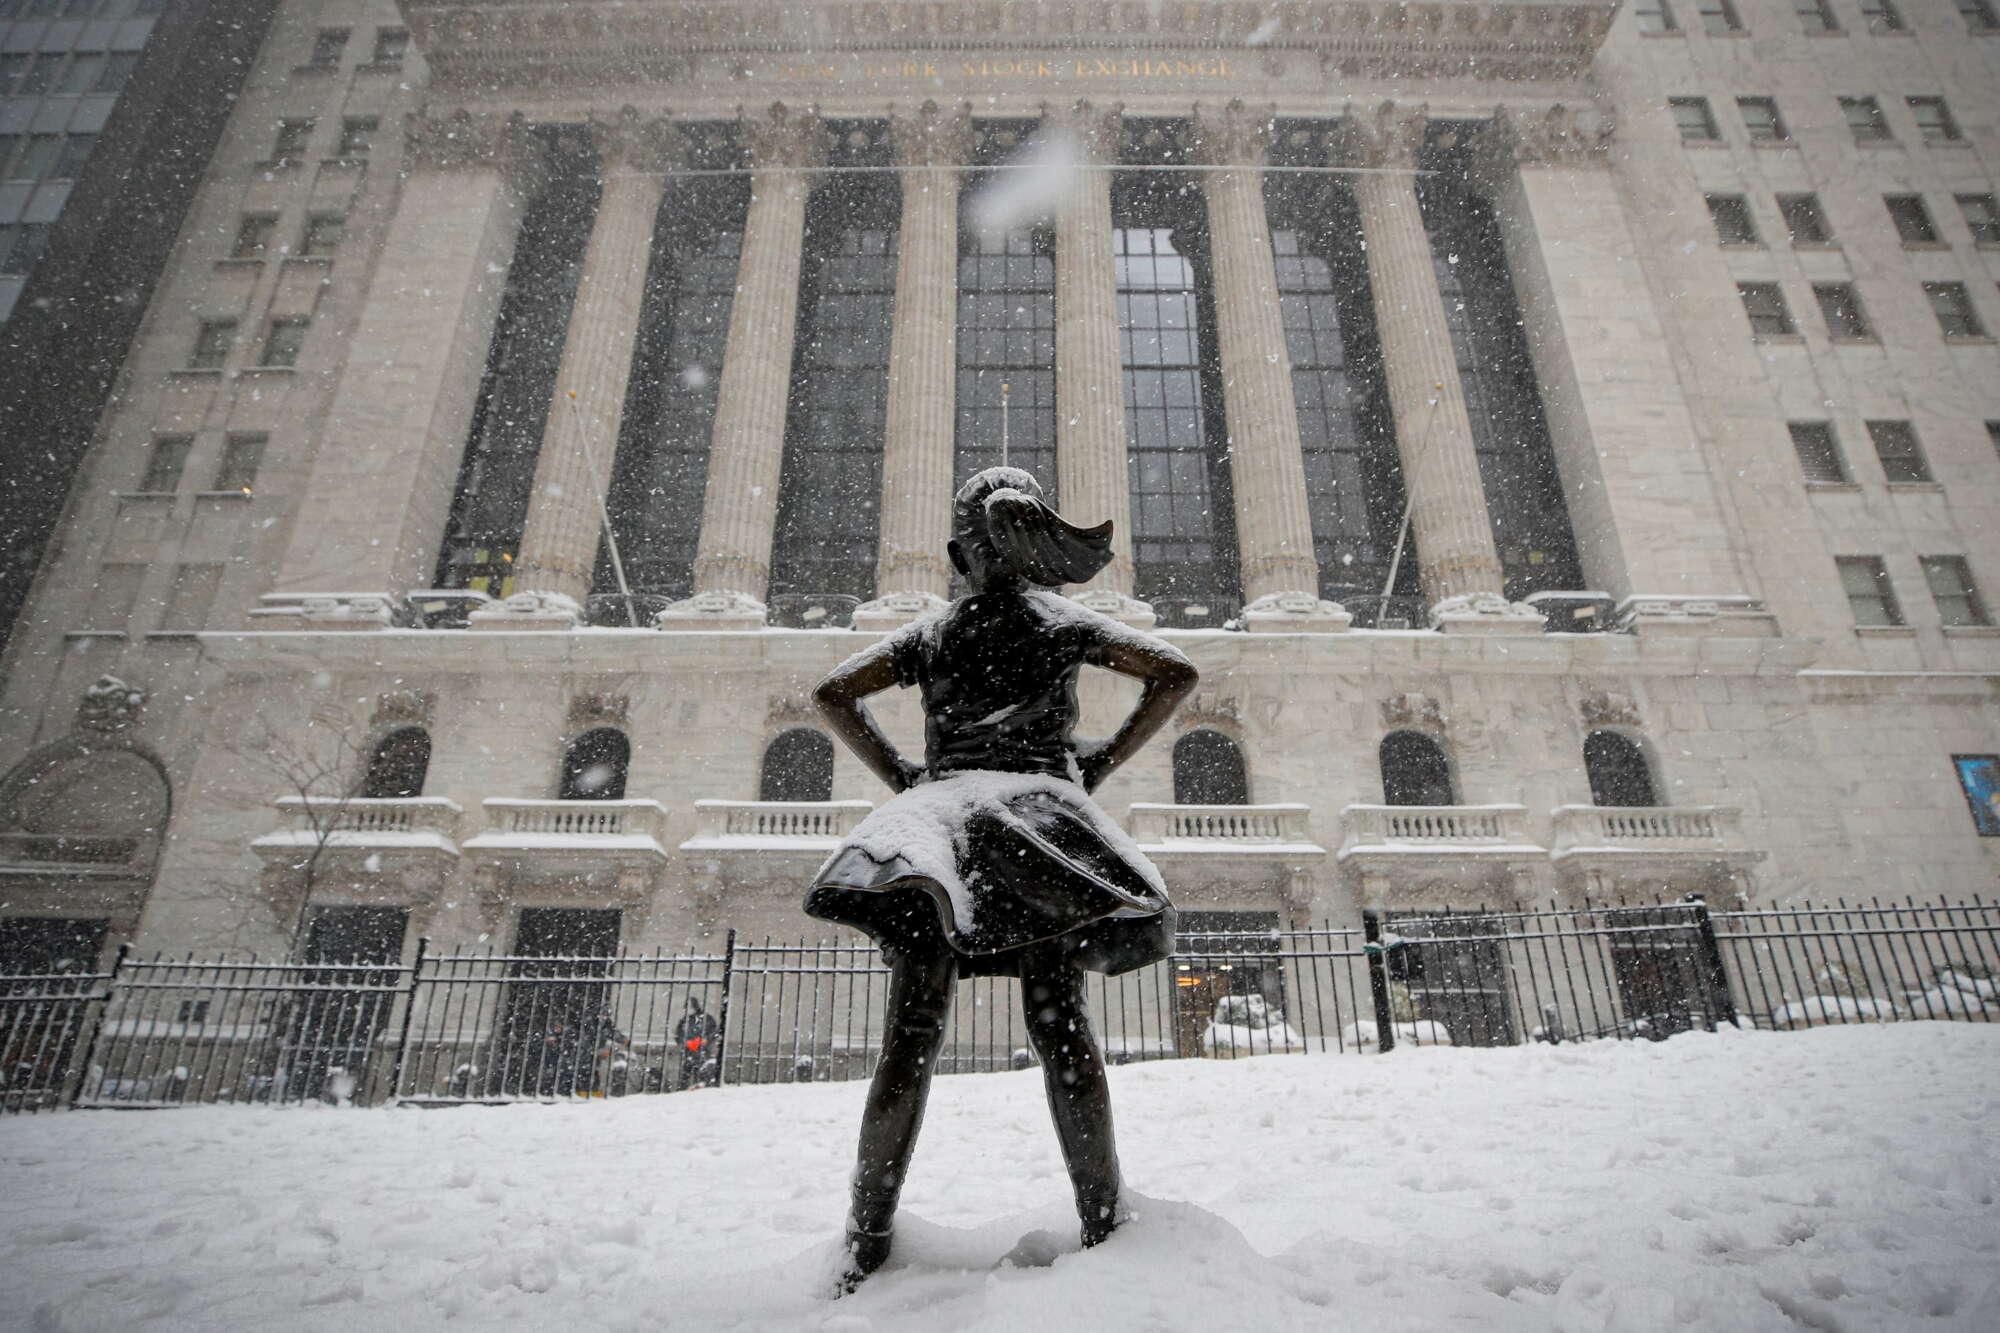 Το «ατρόμητο κορίτσι» της Γουόλ Στριτ δεν φοβάται τον χιονιά. Πιθανώς μόνο τις κρίσεις...